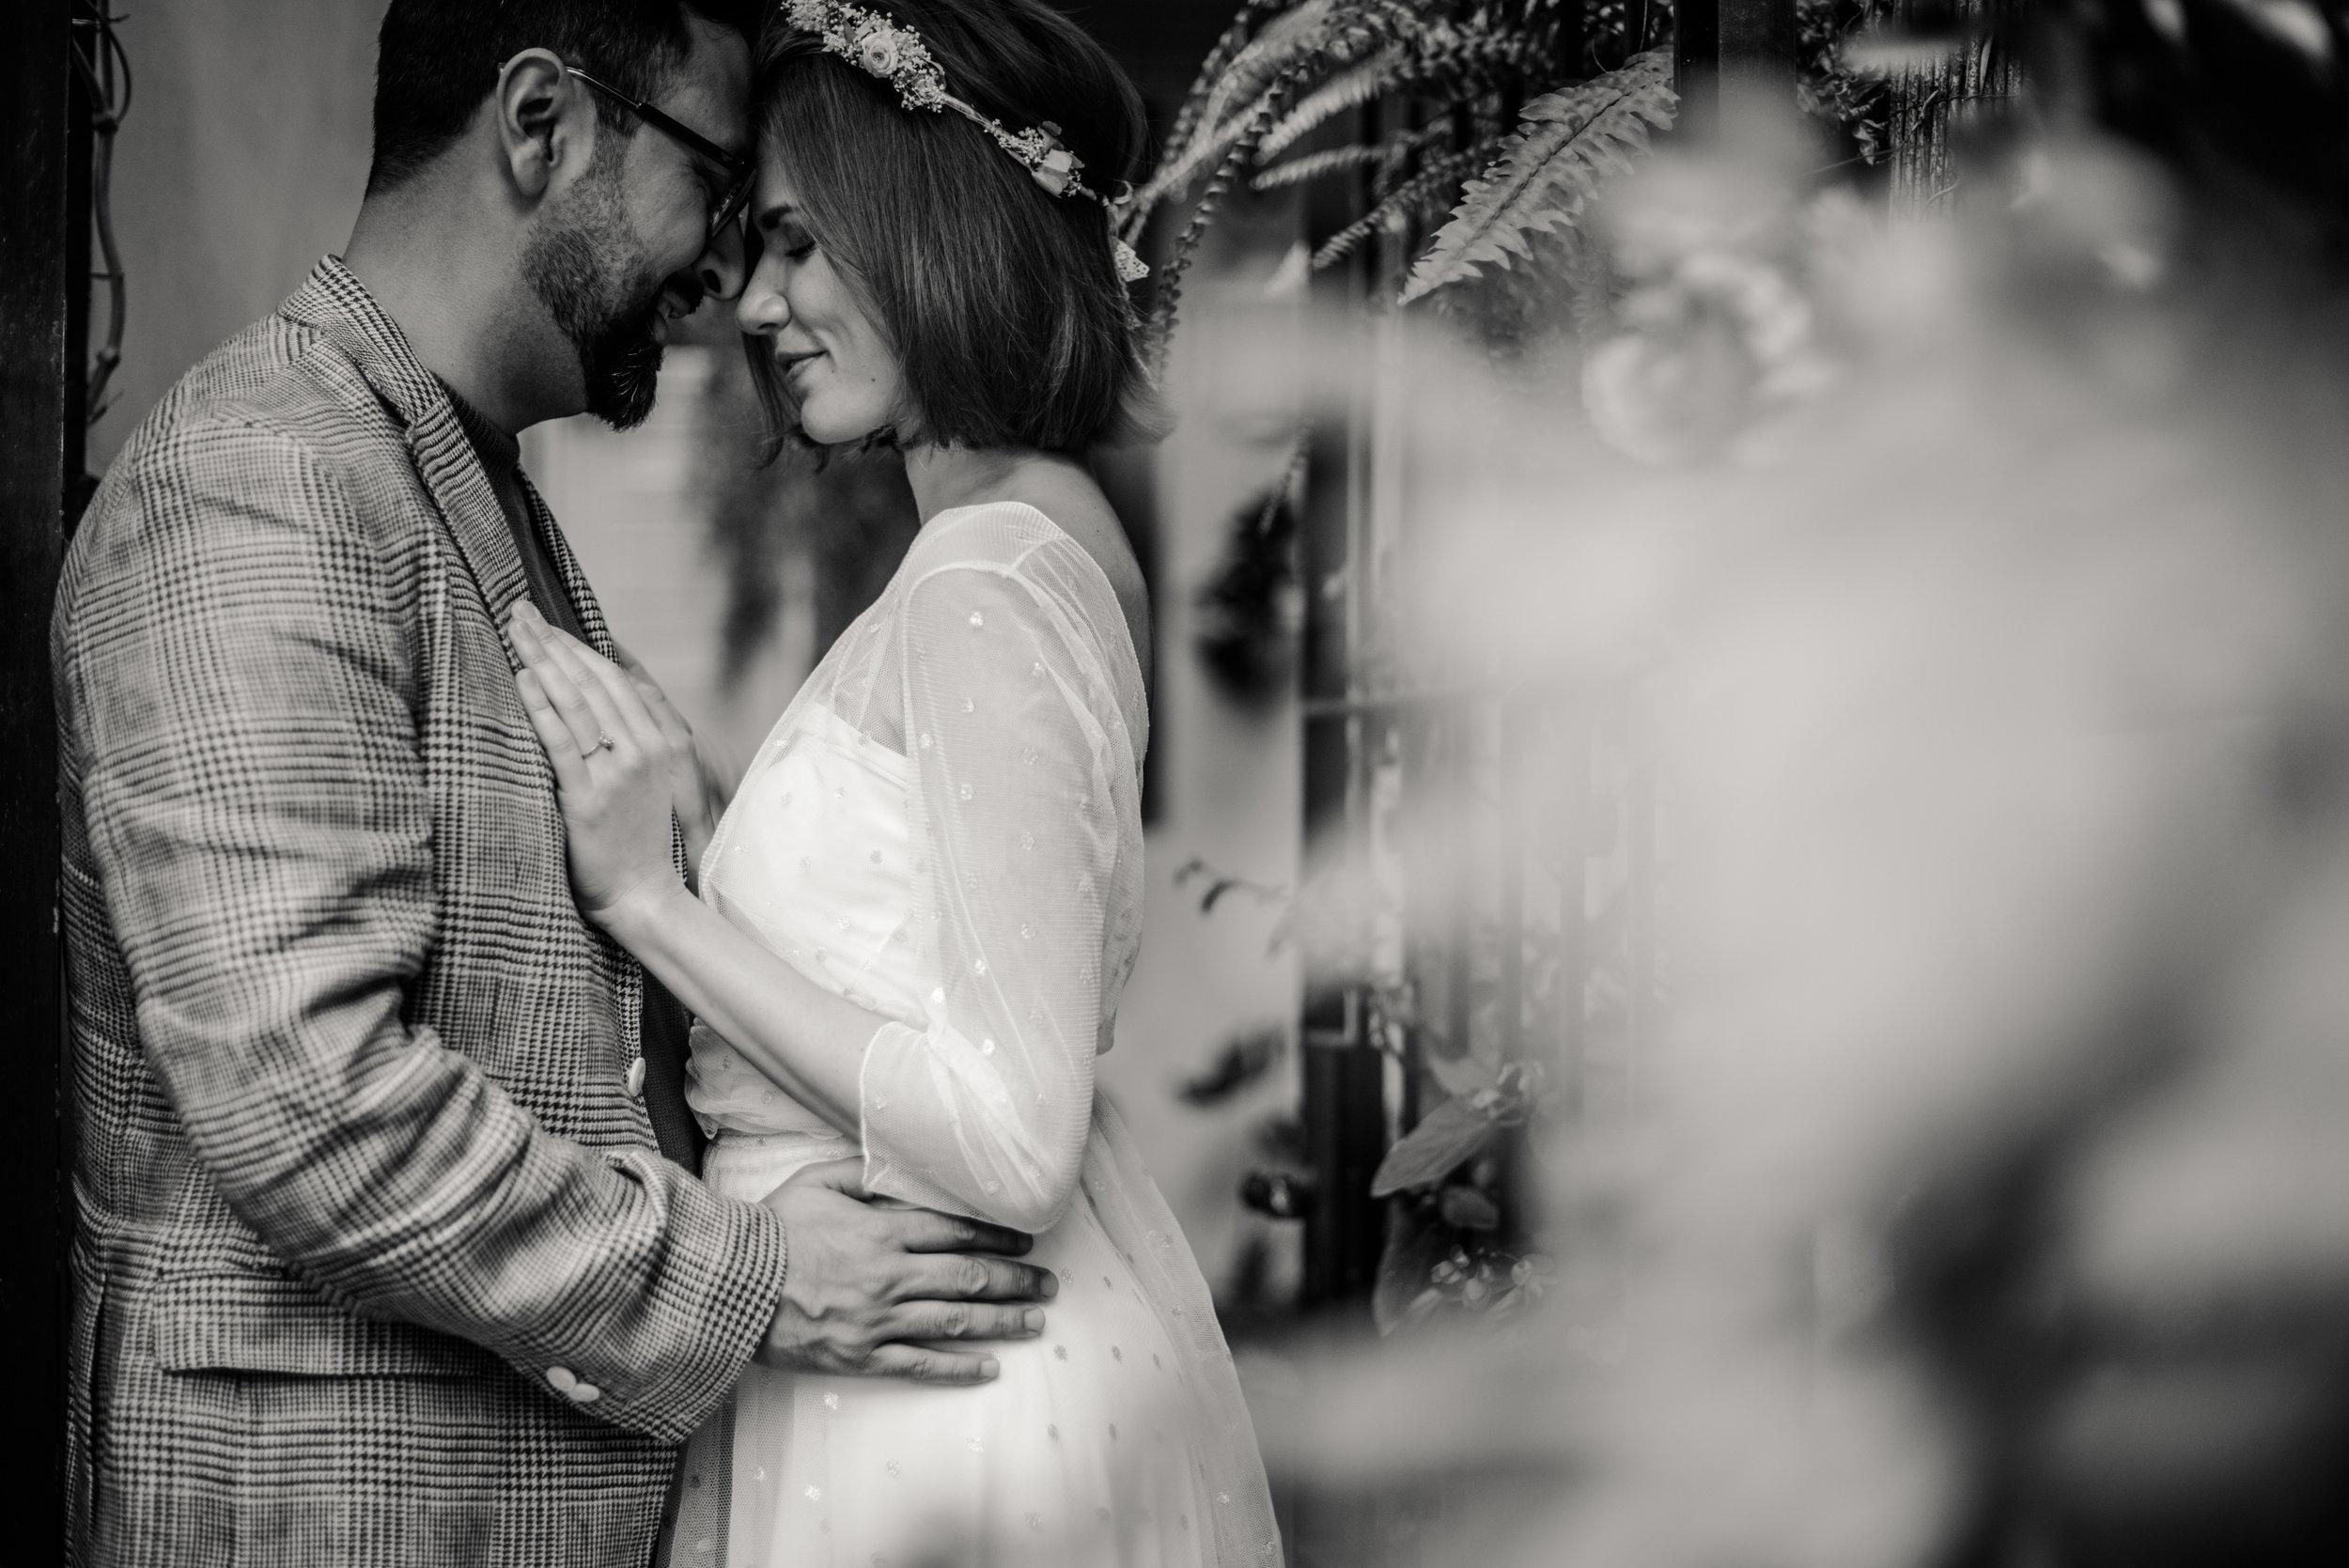 Léa-Fery-photographe-professionnel-lyon-rhone-alpes-portrait-creation-mariage-evenement-evenementiel-famille-4288.jpg